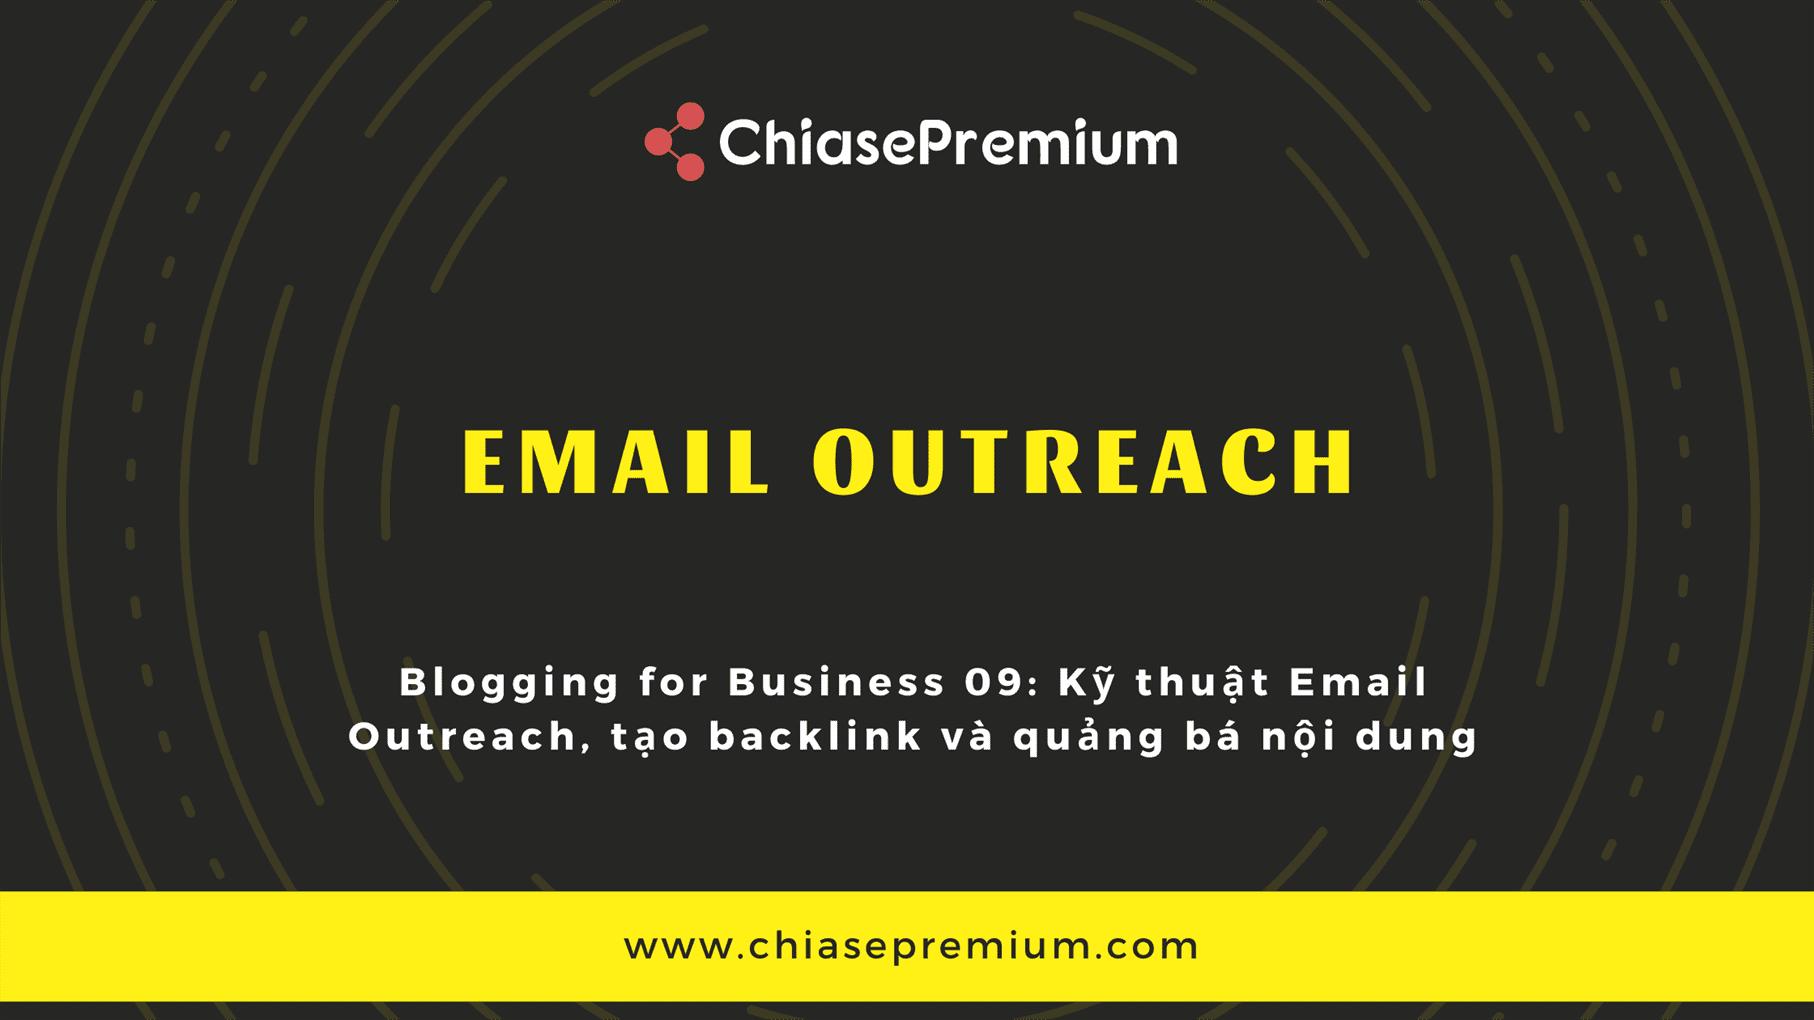 Blogging for Business 09: Kỹ thuật Email Outreach, tạo backlink và quảng bá nội dung